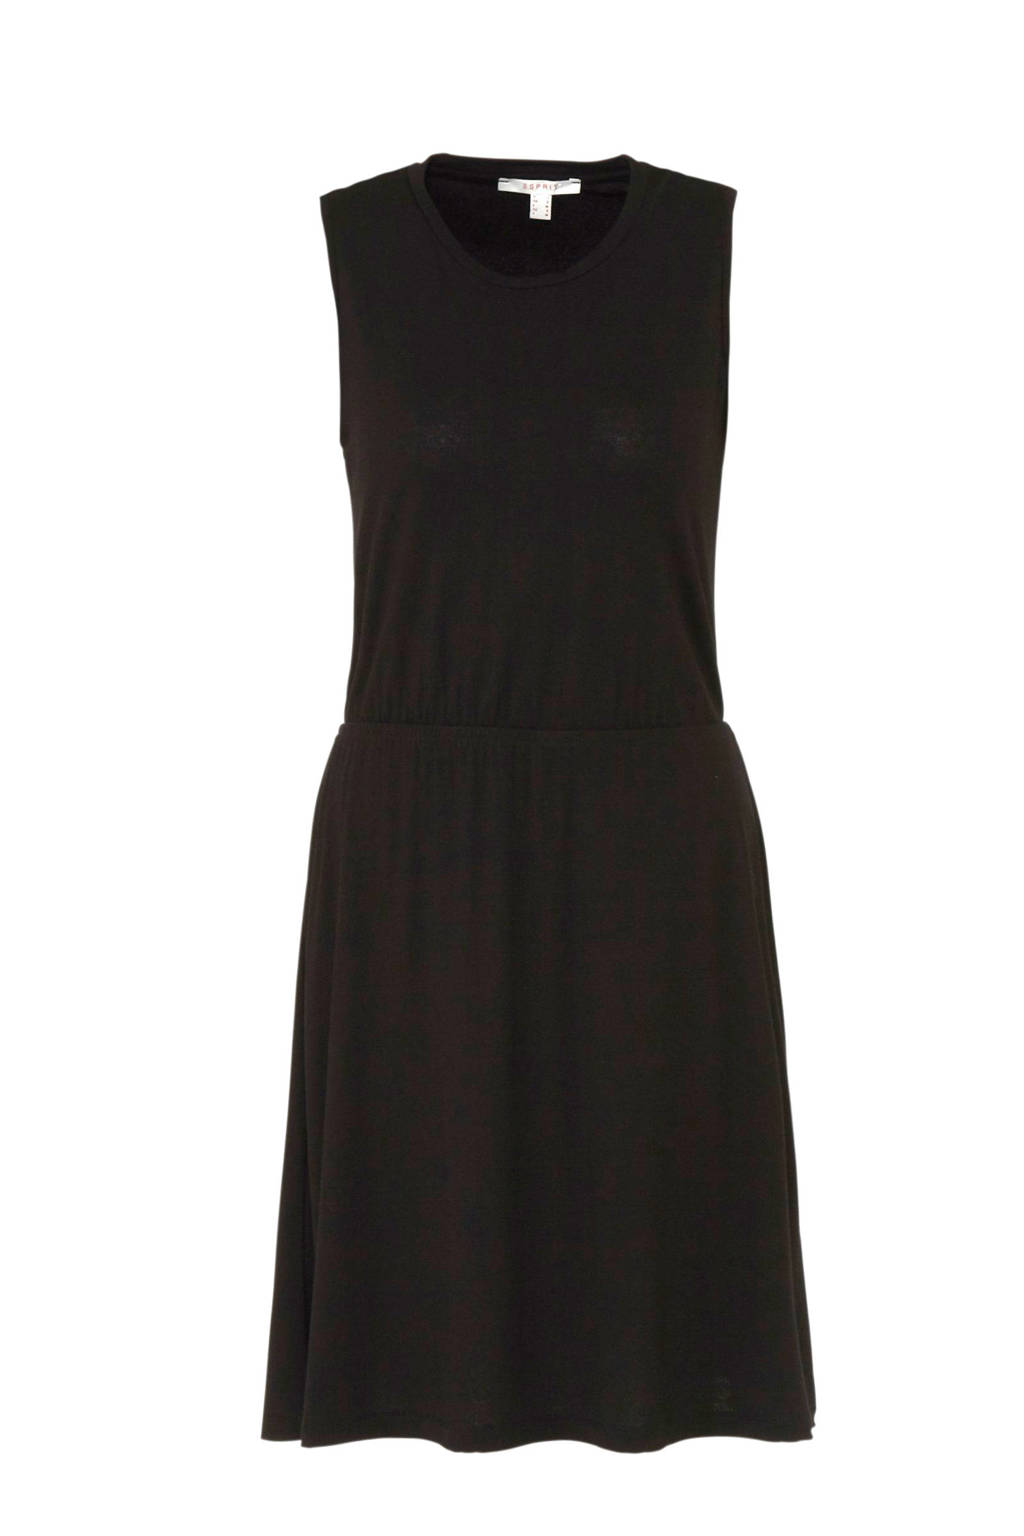 ESPRIT jurk zwart, Zwart